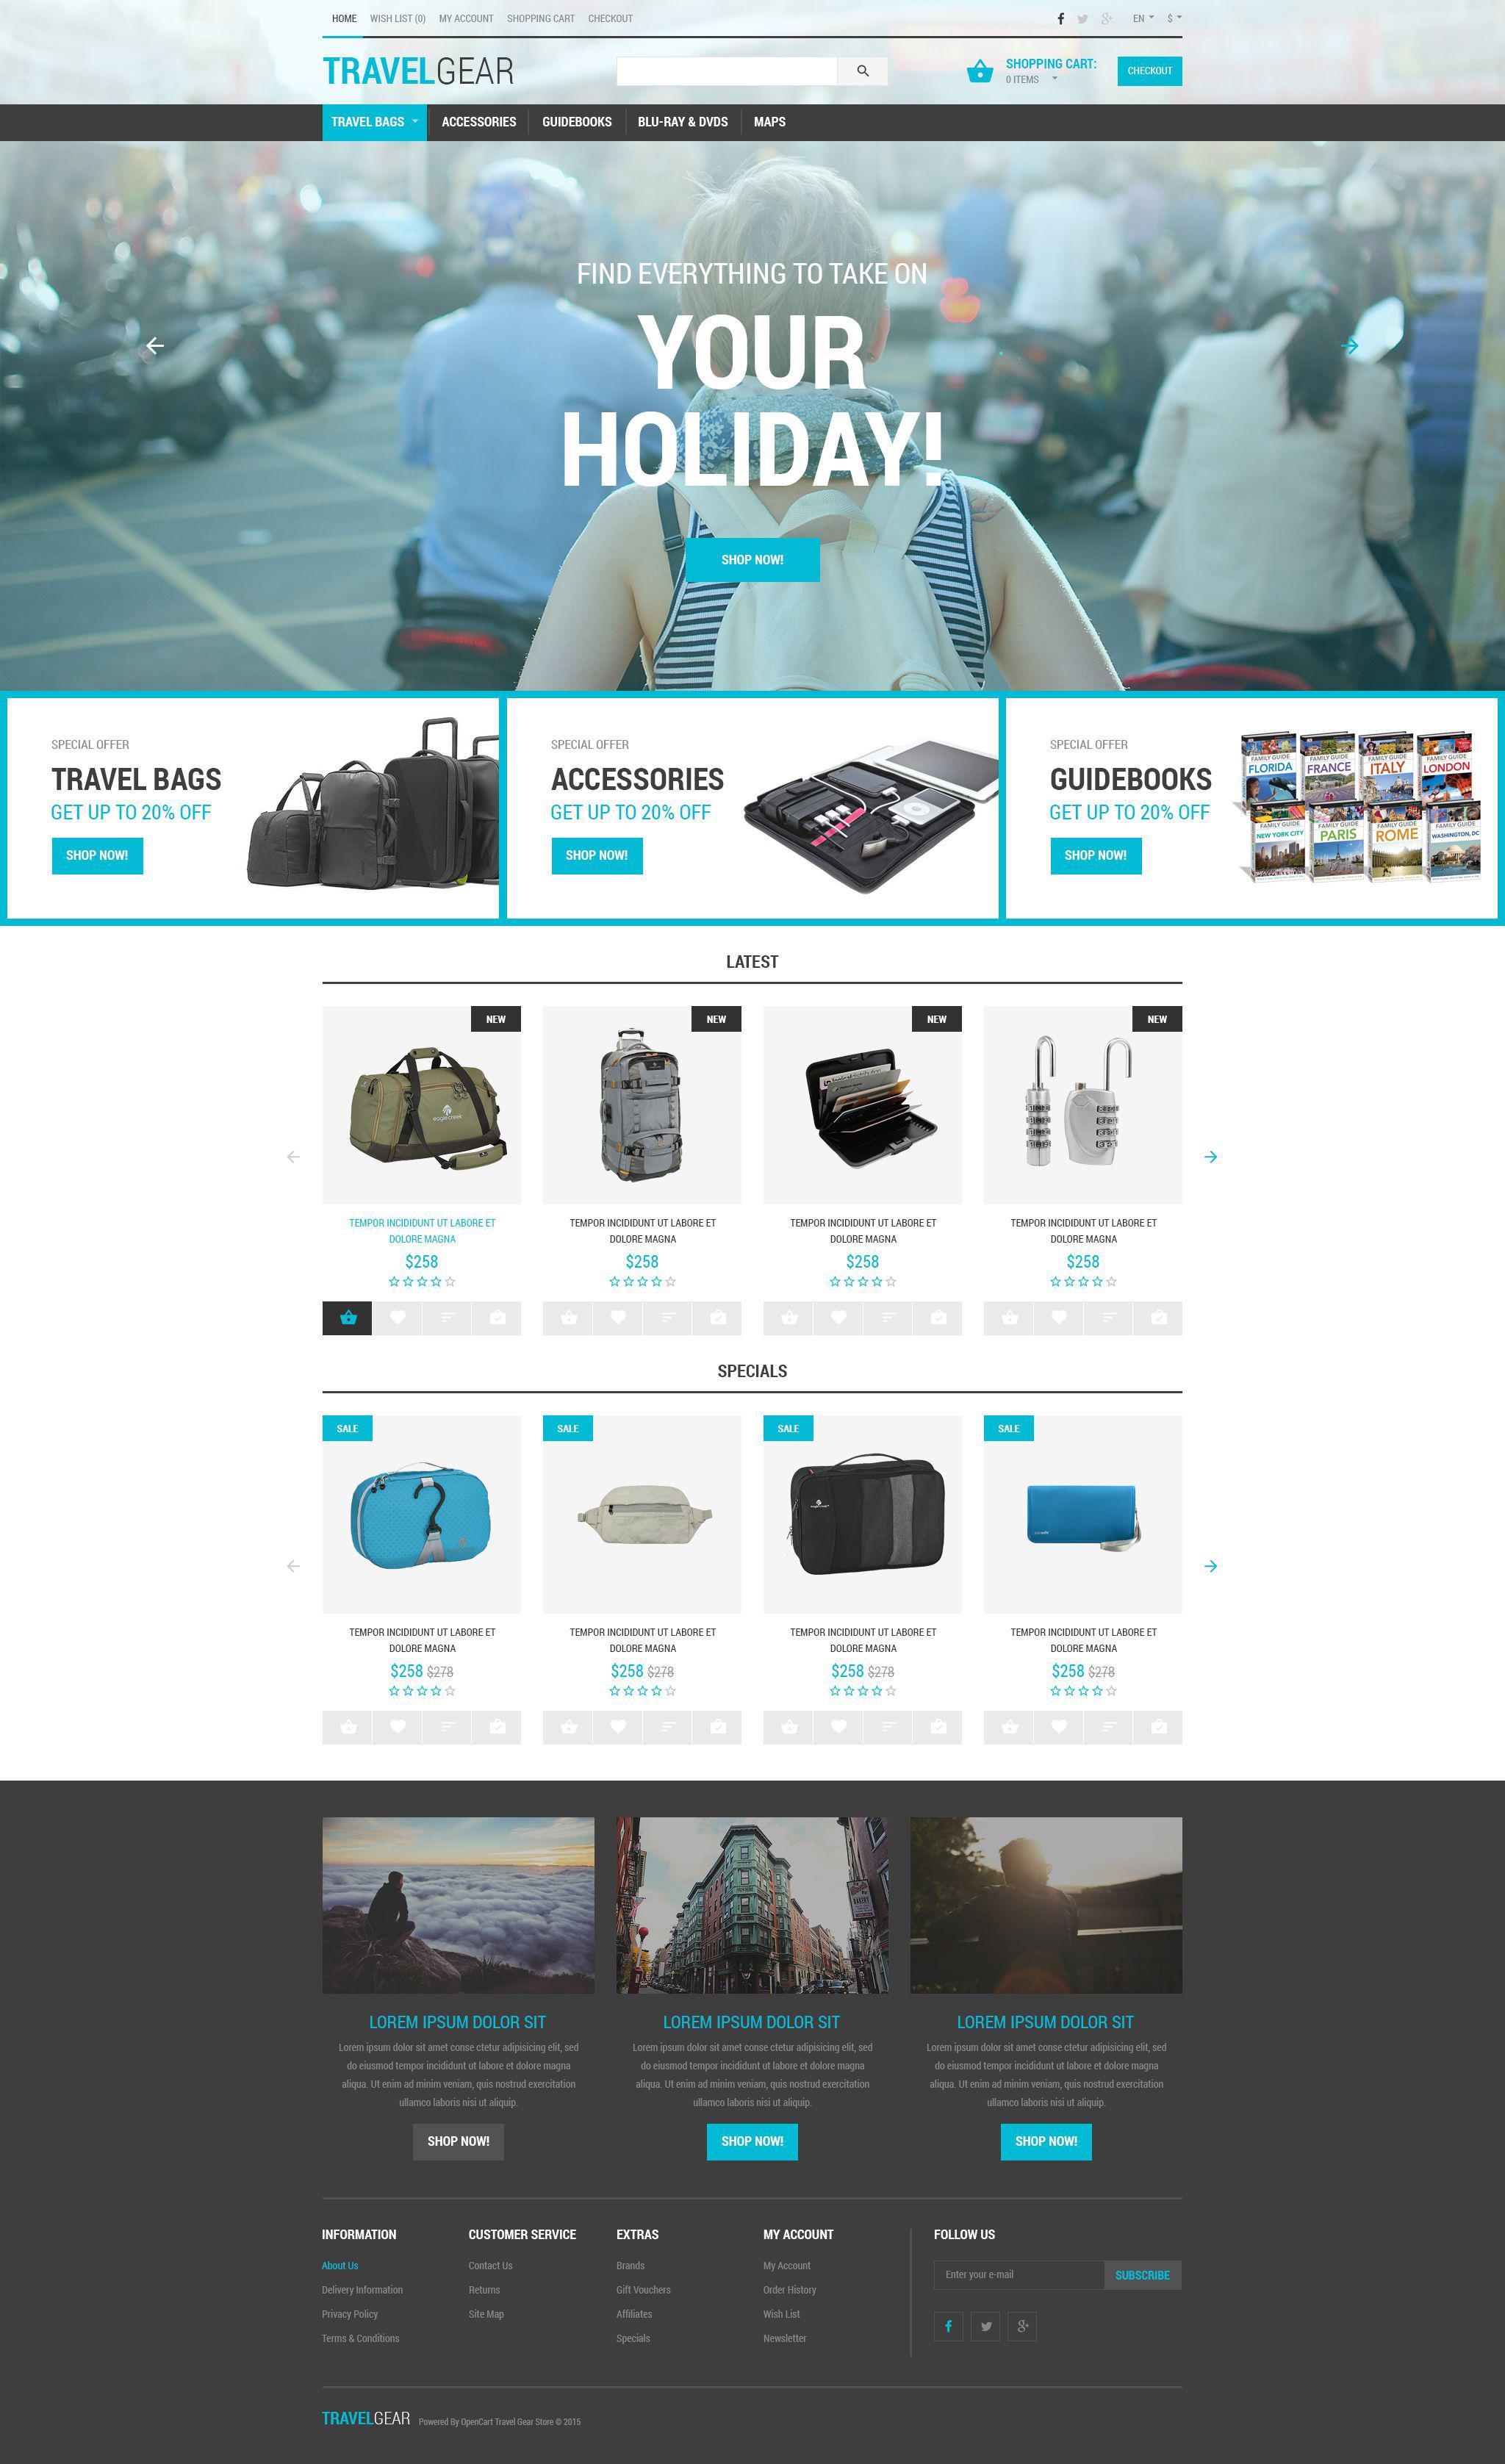 opencart bookstore template - travel gear opencart template